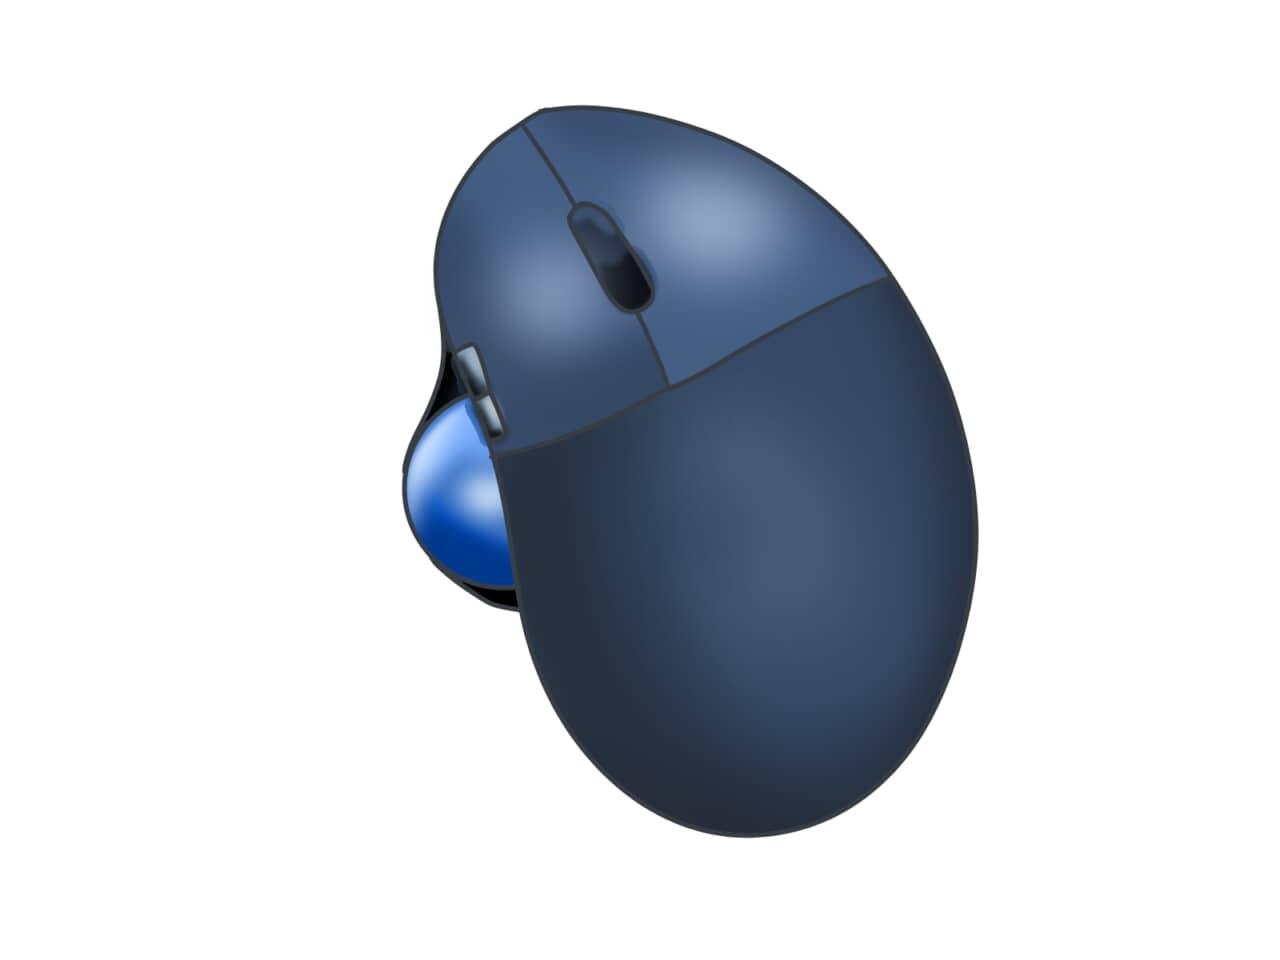 Bluetooth対応の無線トラックボールマウスおすすめランキング10選